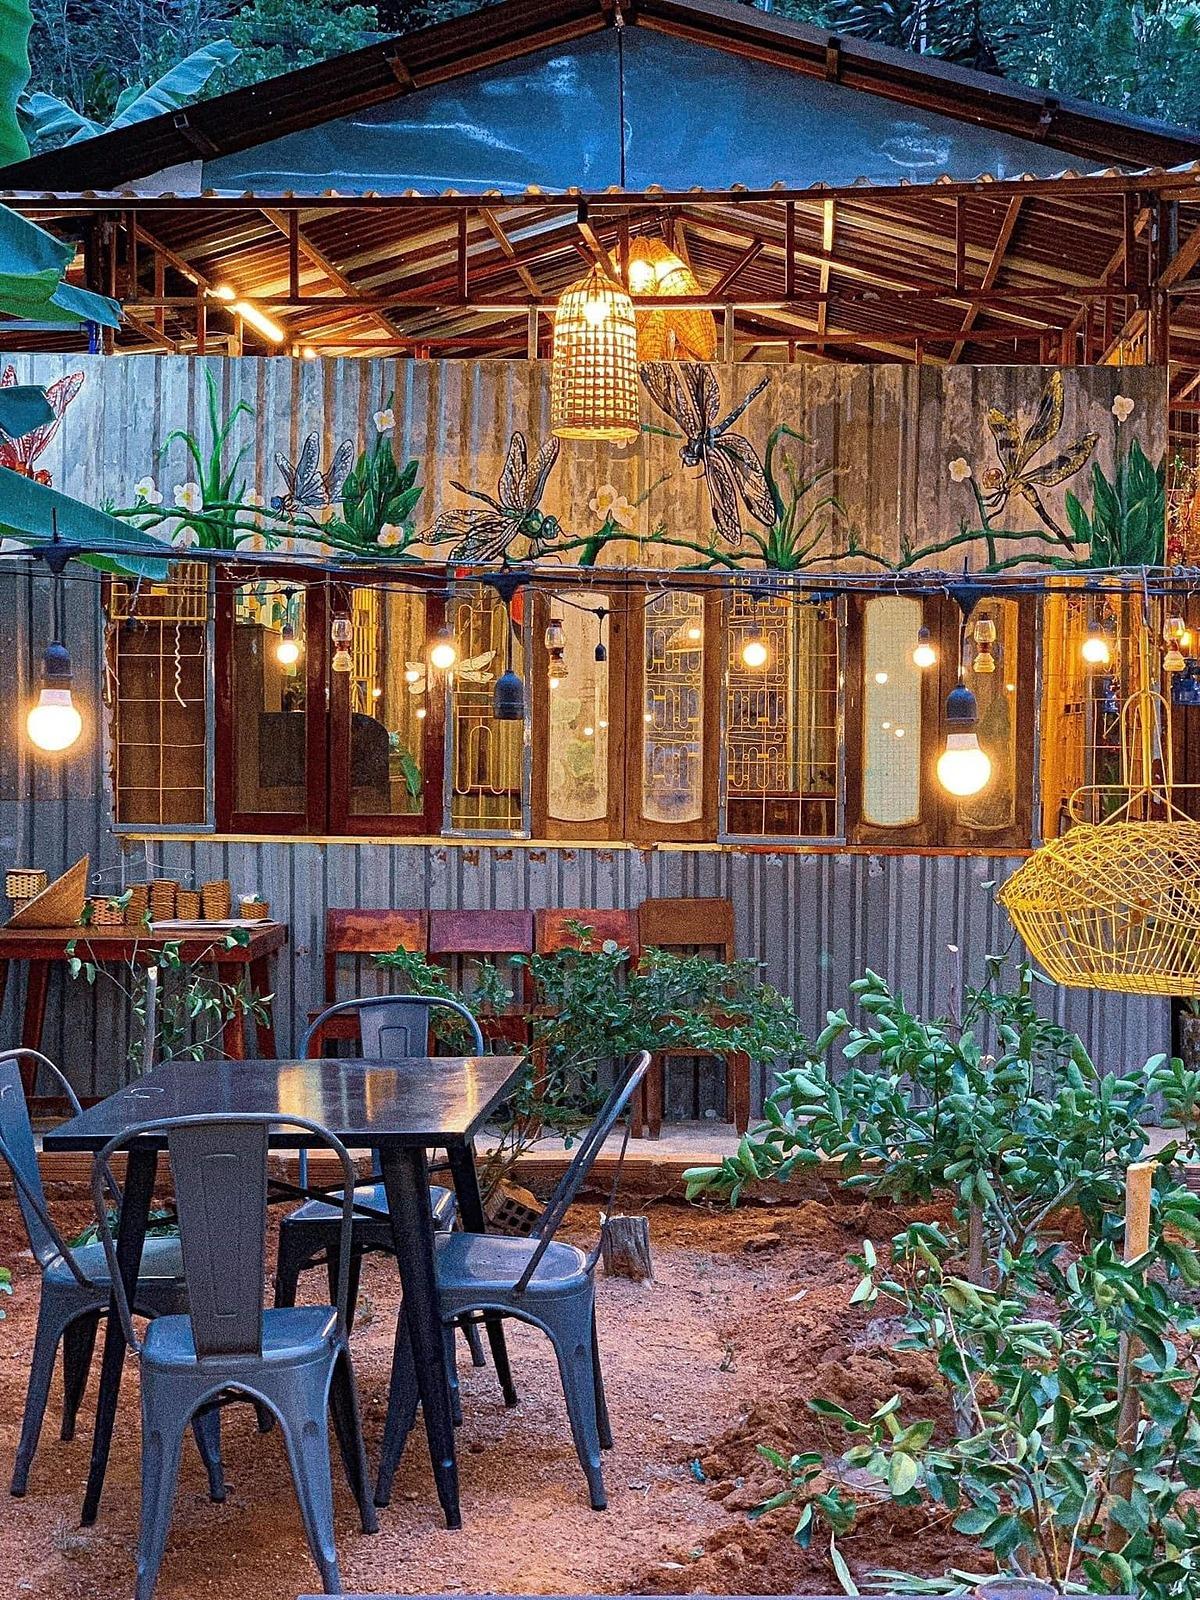 Họa tiết trang trí tại quán đều mang phong cách miền quê với cánh chuồn chuồn bên bờ ao, cánh diều no gió, những cánh đồng lúa chín và những hôm xắn quần lội ruộng bắt ốc.